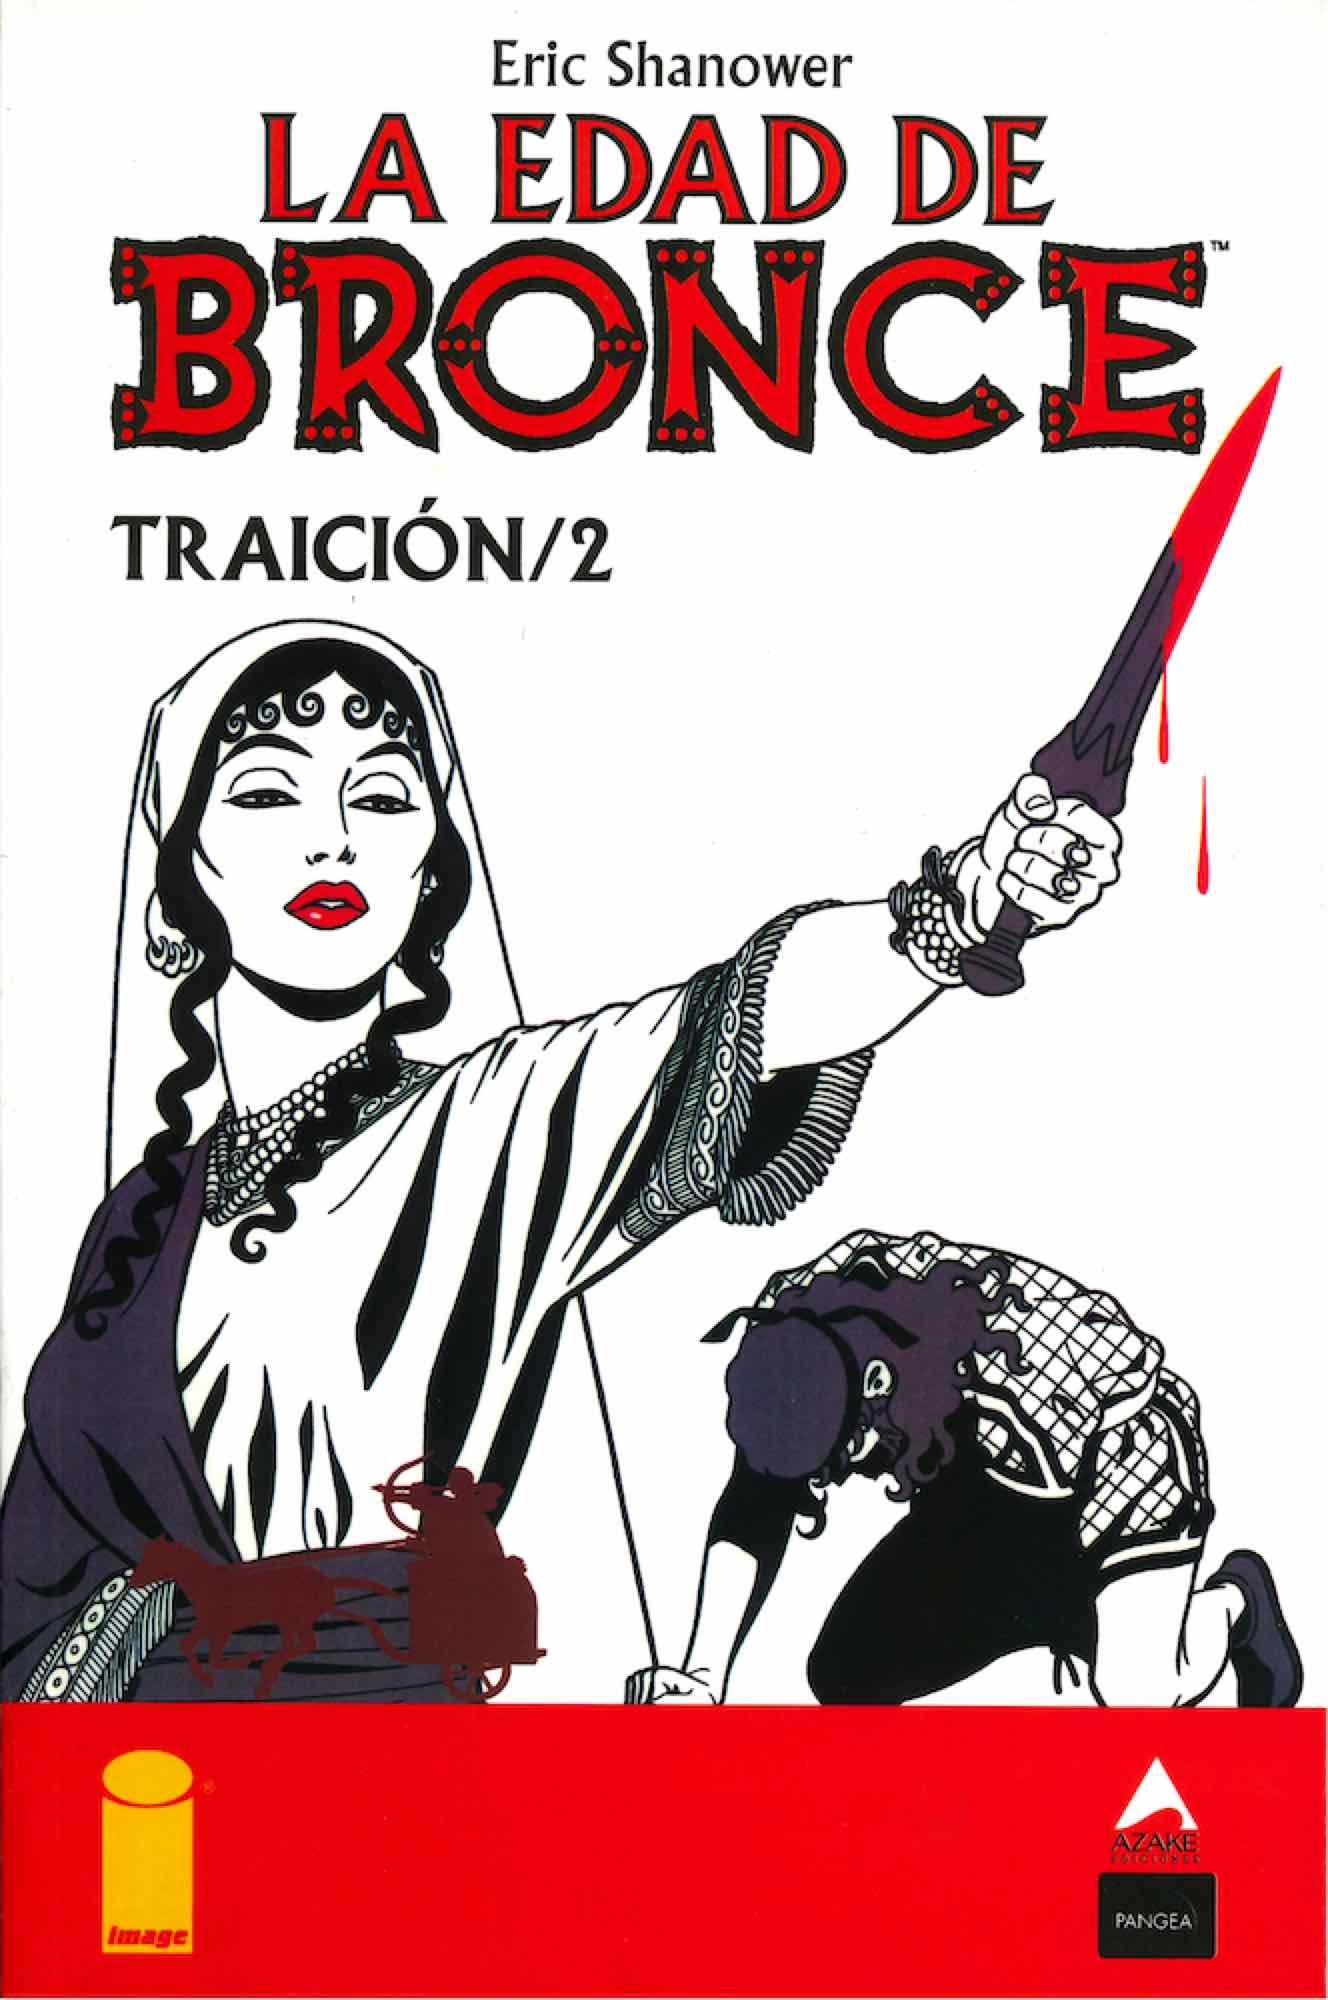 LA EDAD DE BRONCE 08. TRAICION 2